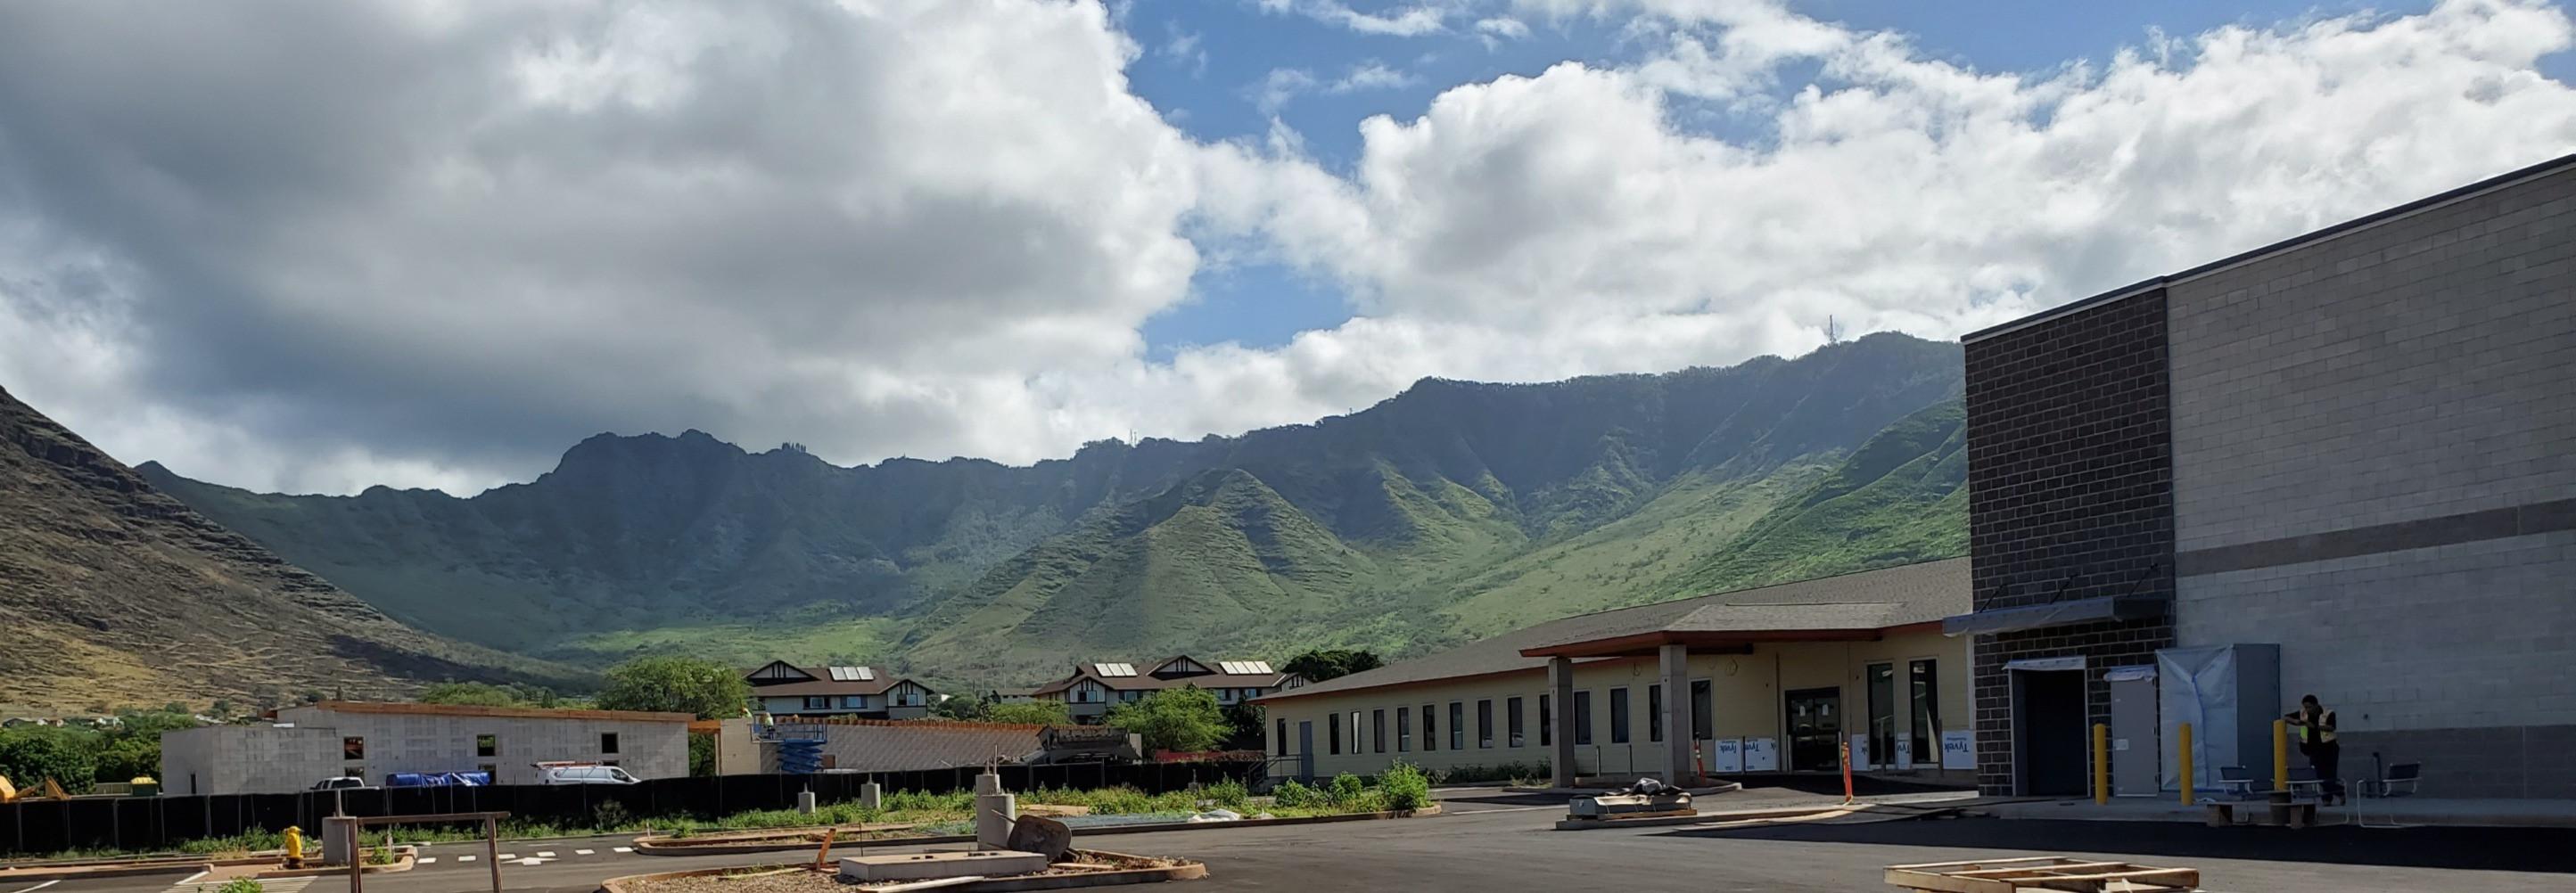 Nanakuli Valley View